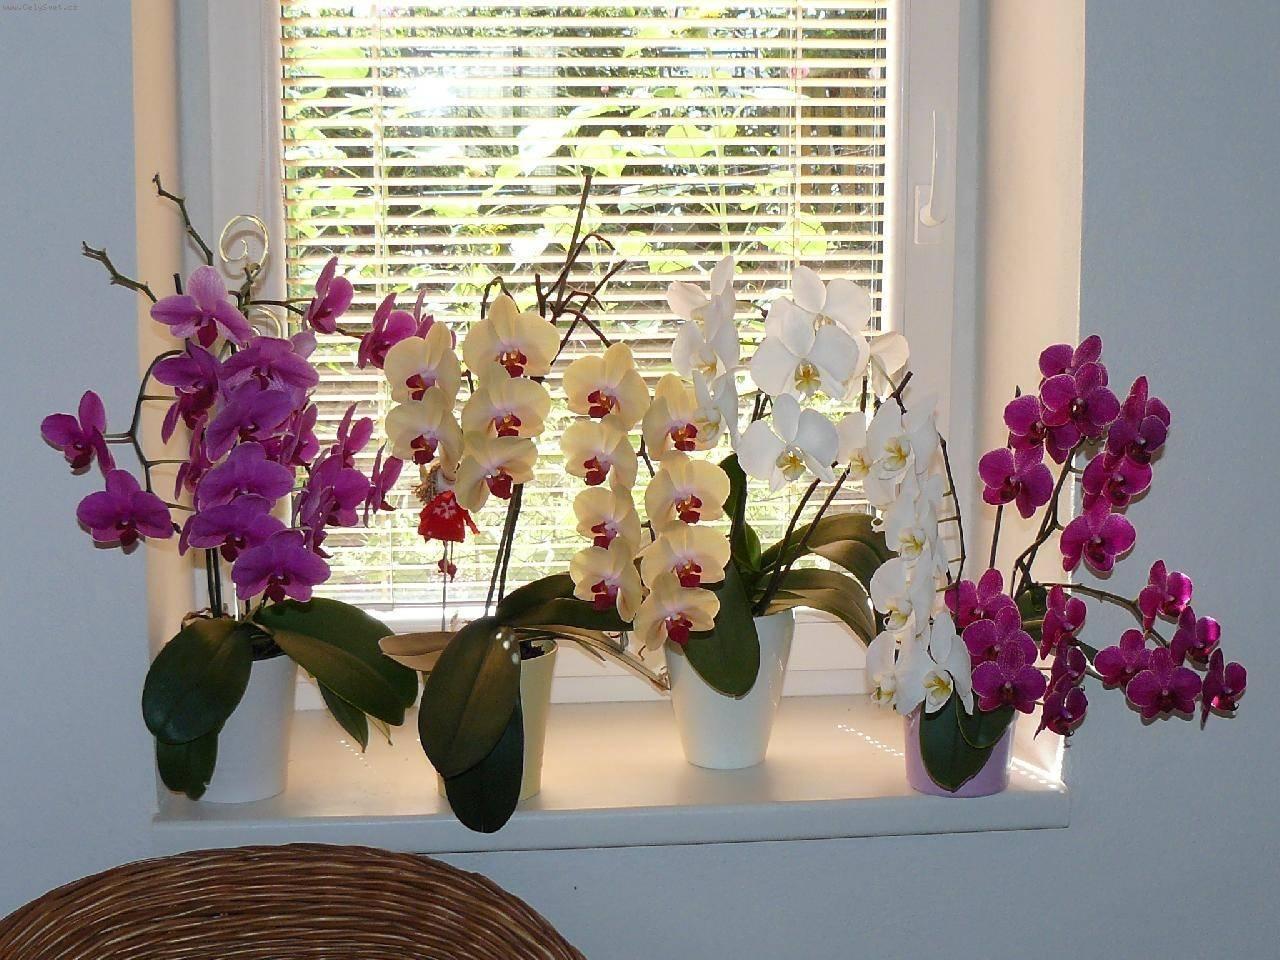 Все об орхидеях фаленопсис в домашних условиях: описание, фото и картинки цветов, цена и как их правильно выбрать, а также отзывы и новое видео 2016 и 2017 годов